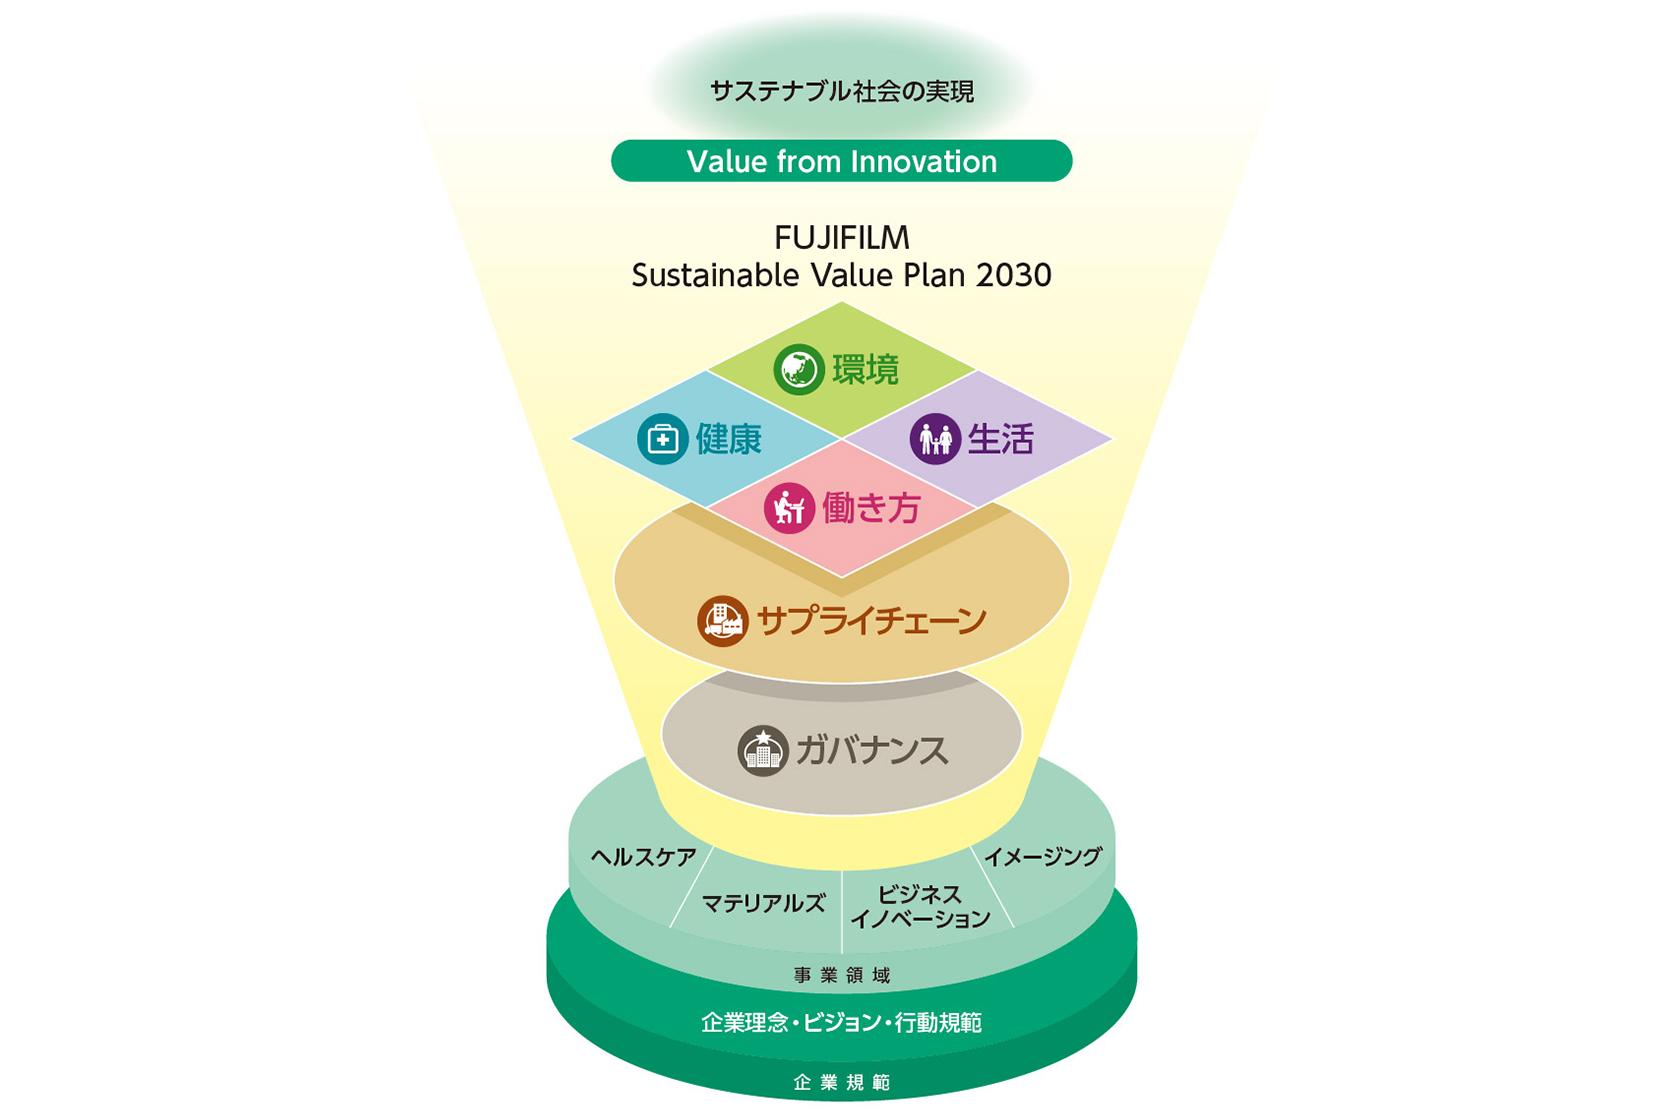 [図]Sustainable Value Plan 2030